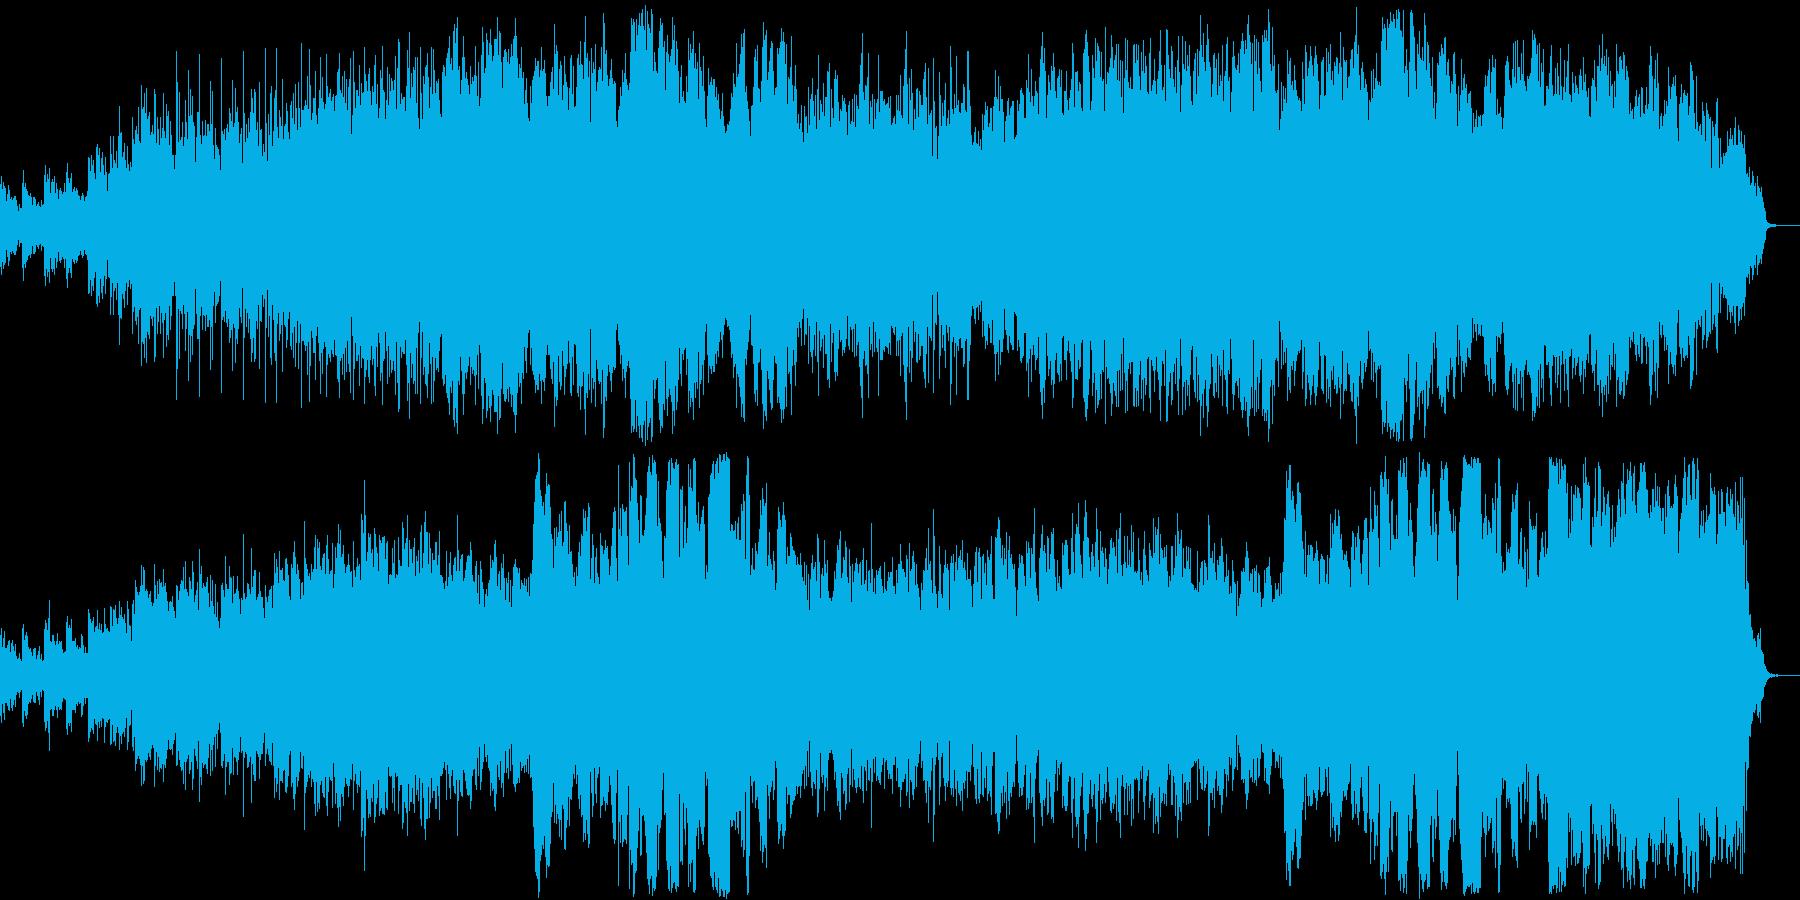 海の中をもぐって泳いでいるような音楽の再生済みの波形